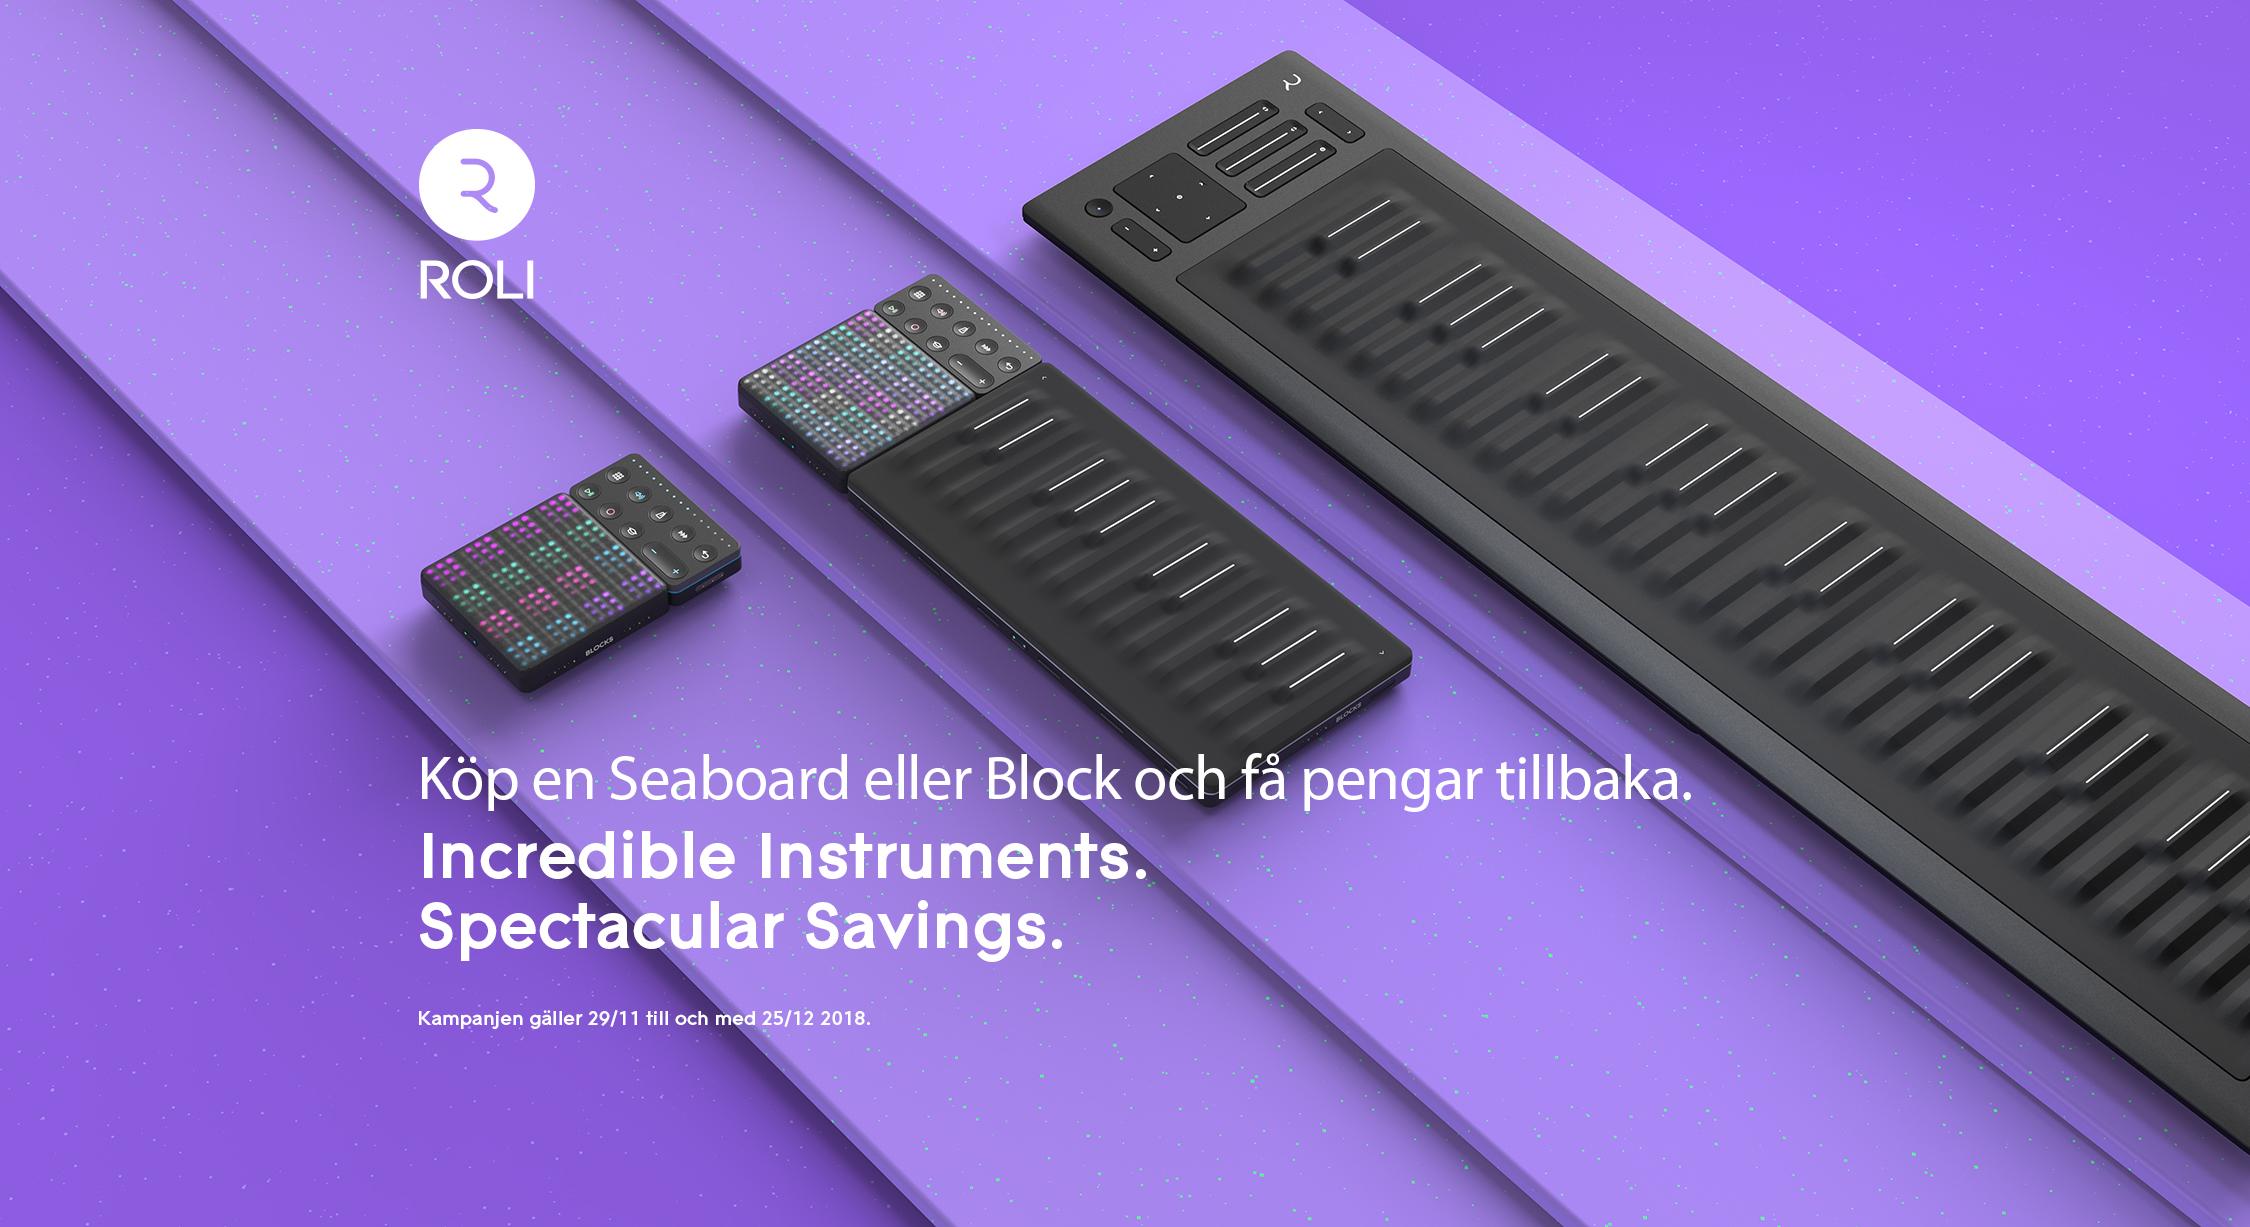 ROLI kampanj – Köp Seaboard eller Block och få pengar tillbaka